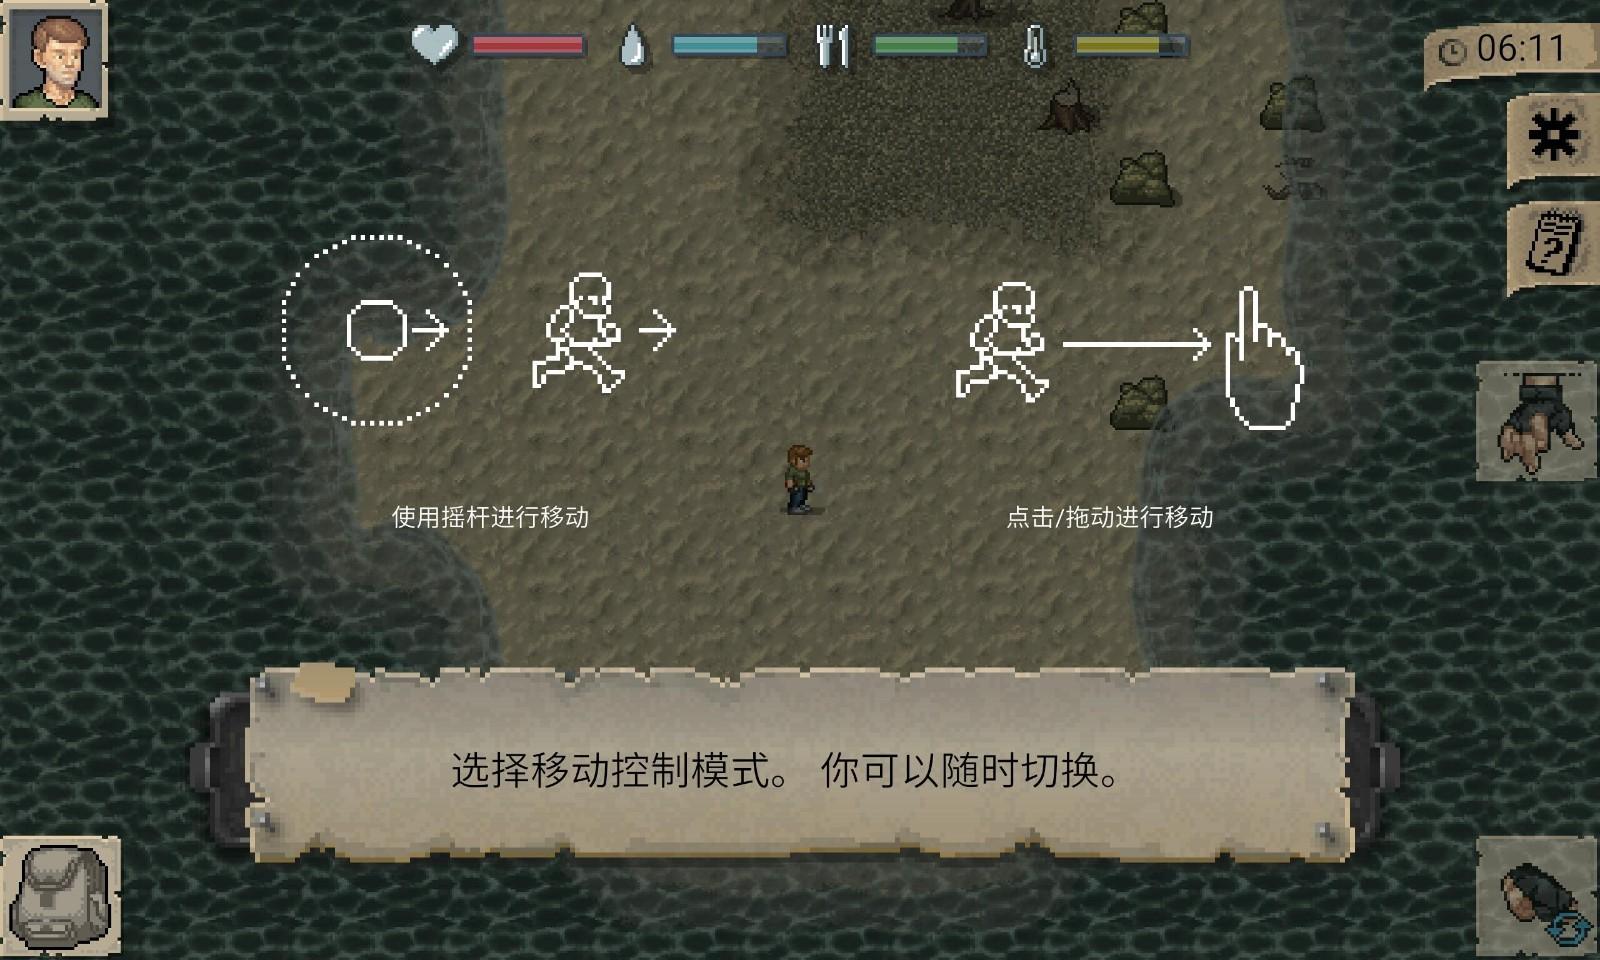 迷你dayz汉化版